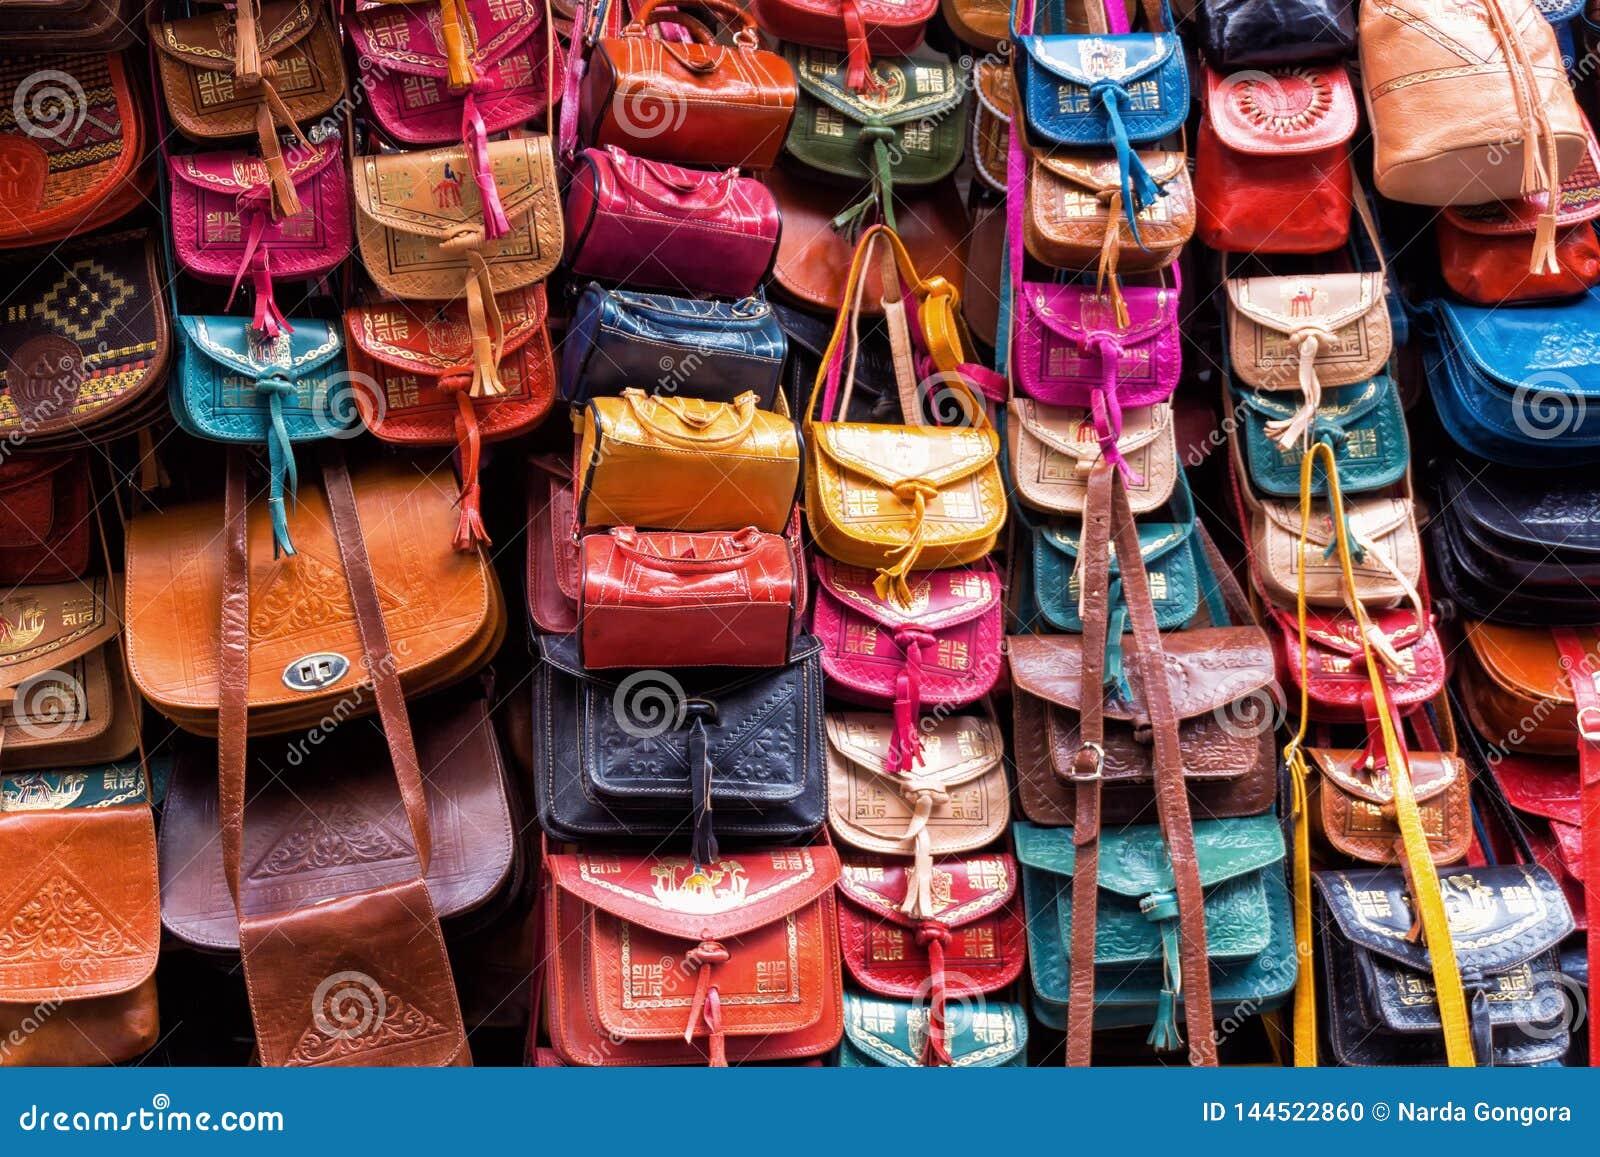 Läder hänger löst lagret i Tunis, Tunisien